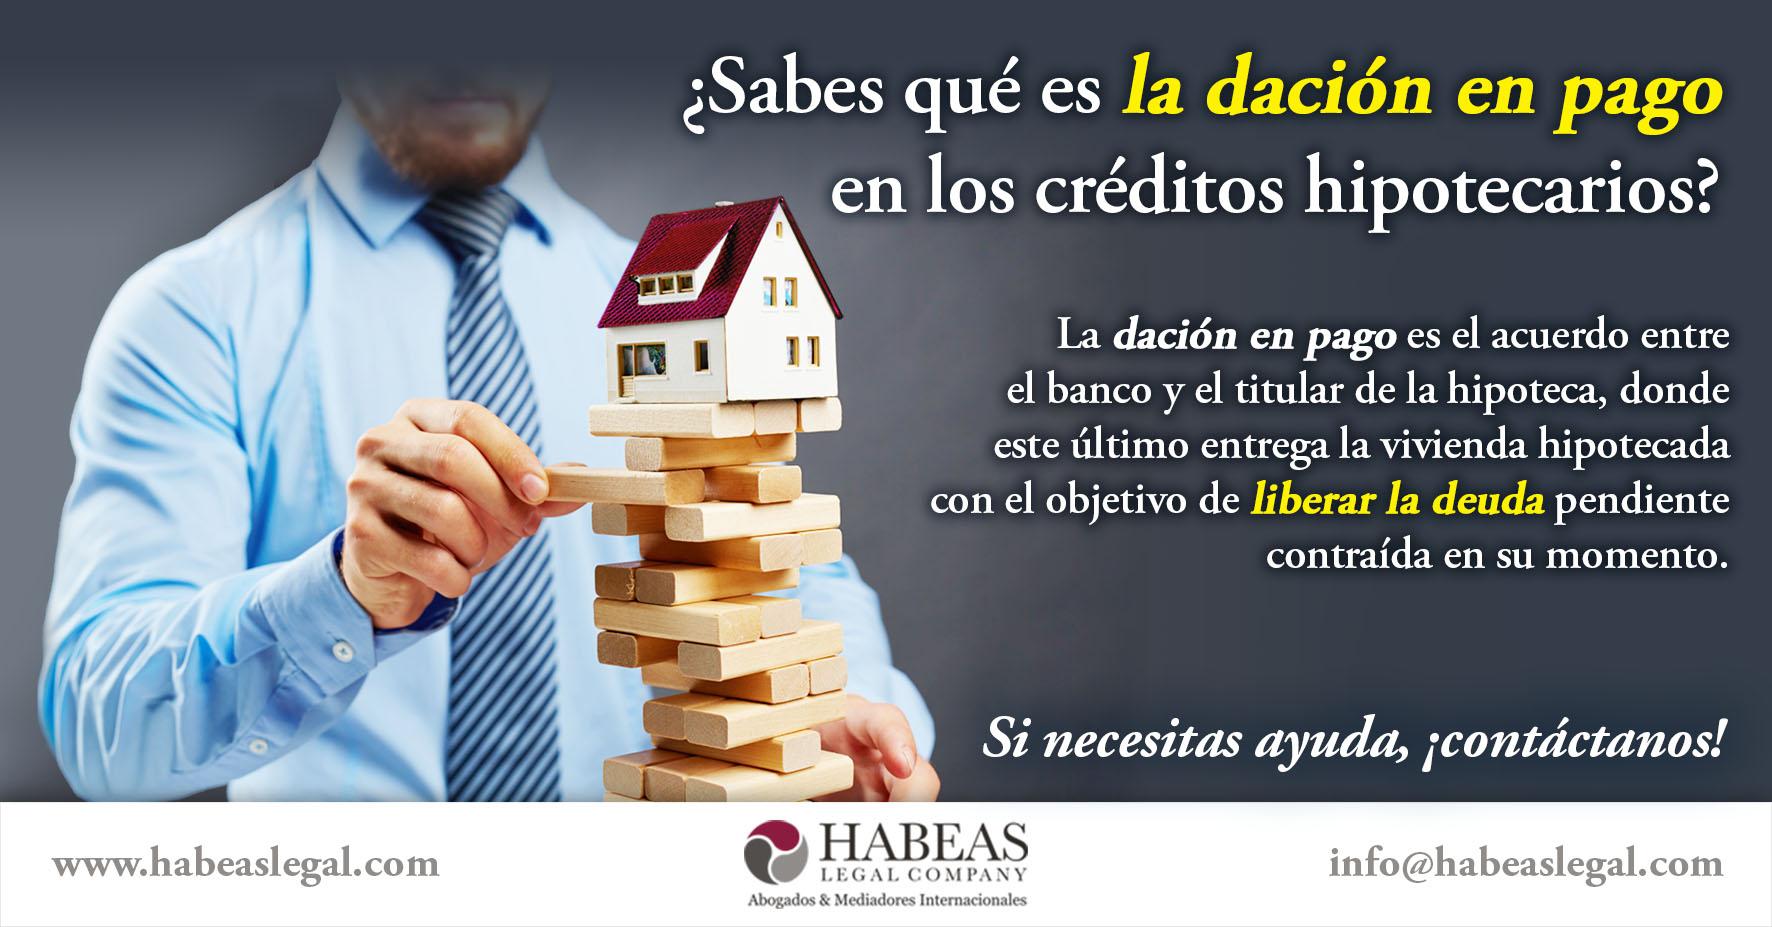 Dación en Pago Habeas Legal - ¿Qué es la Dación en Pago en los créditos hipotecarios?